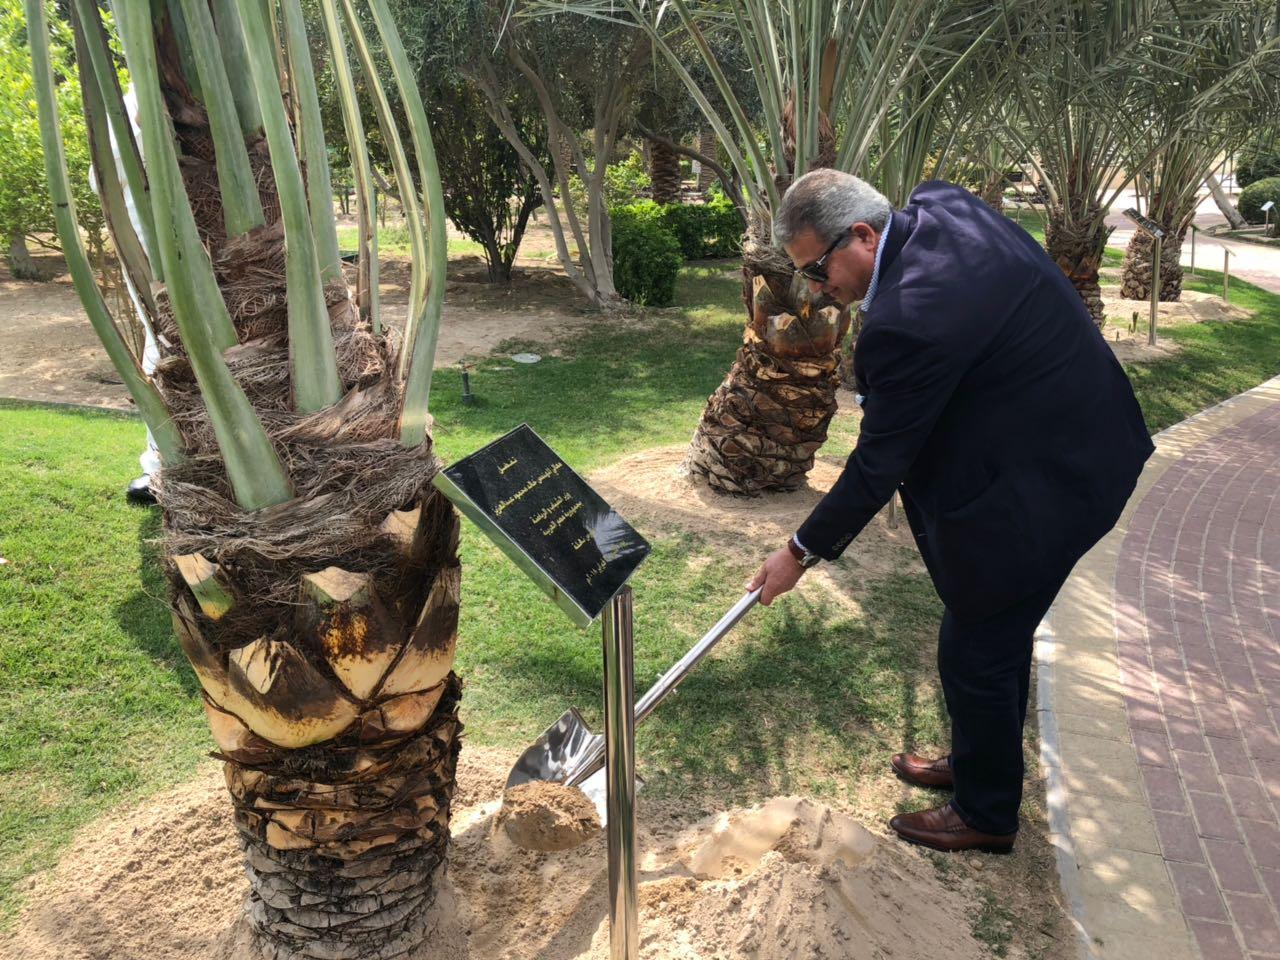 المهندس خالد عبدالعزيز وزير الشباب والرياضة بالبحرين